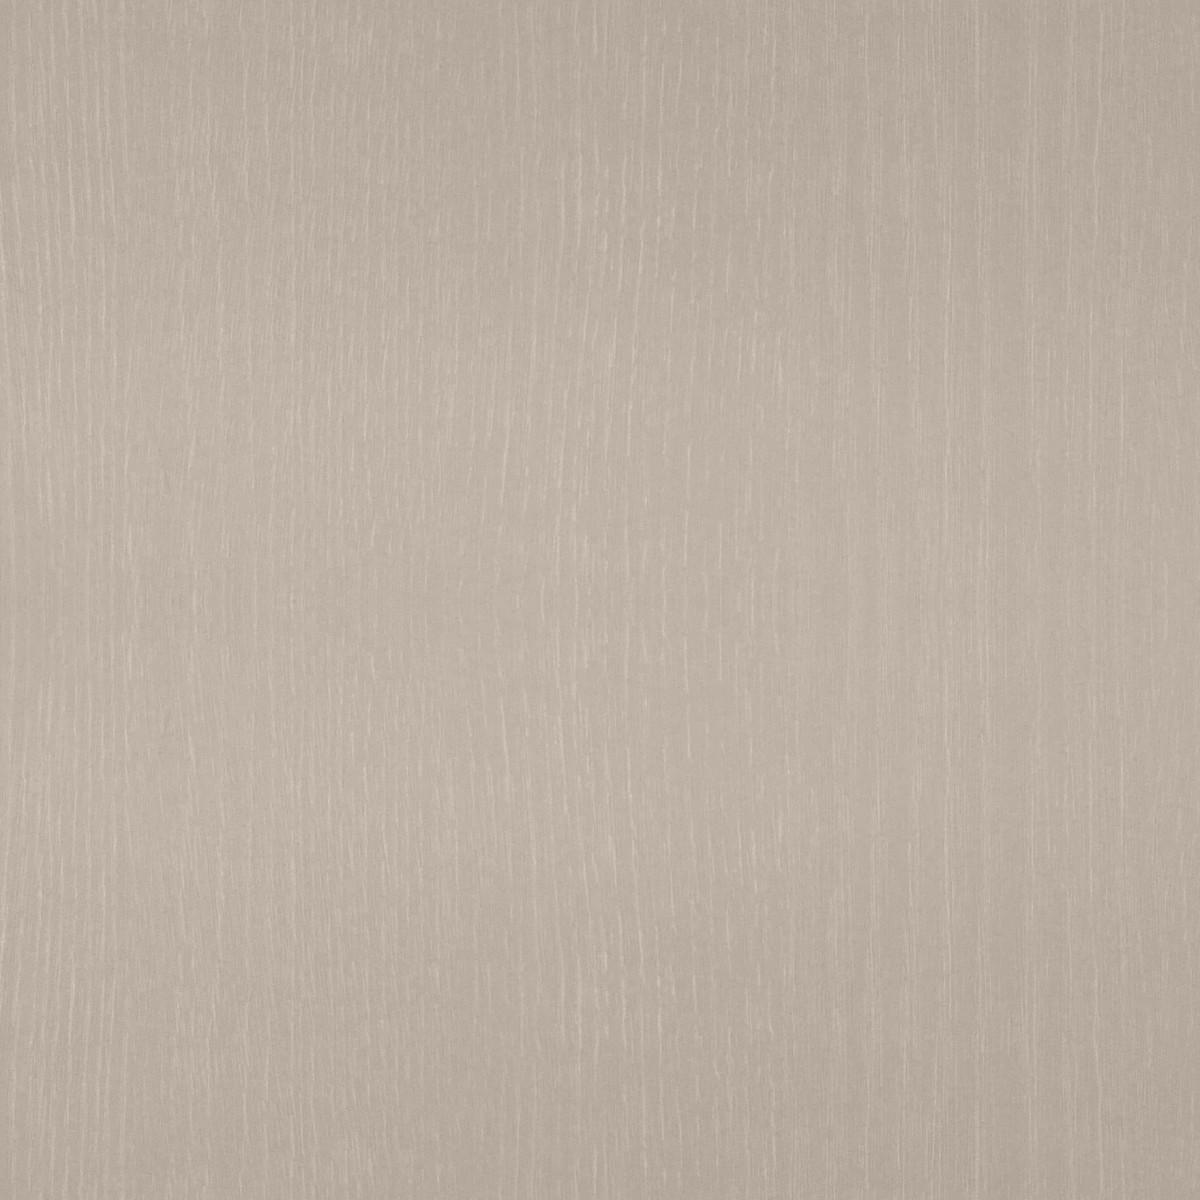 Дверь Межкомнатная Глухая Трилло 80x200 Hardflex Цвет Ясень